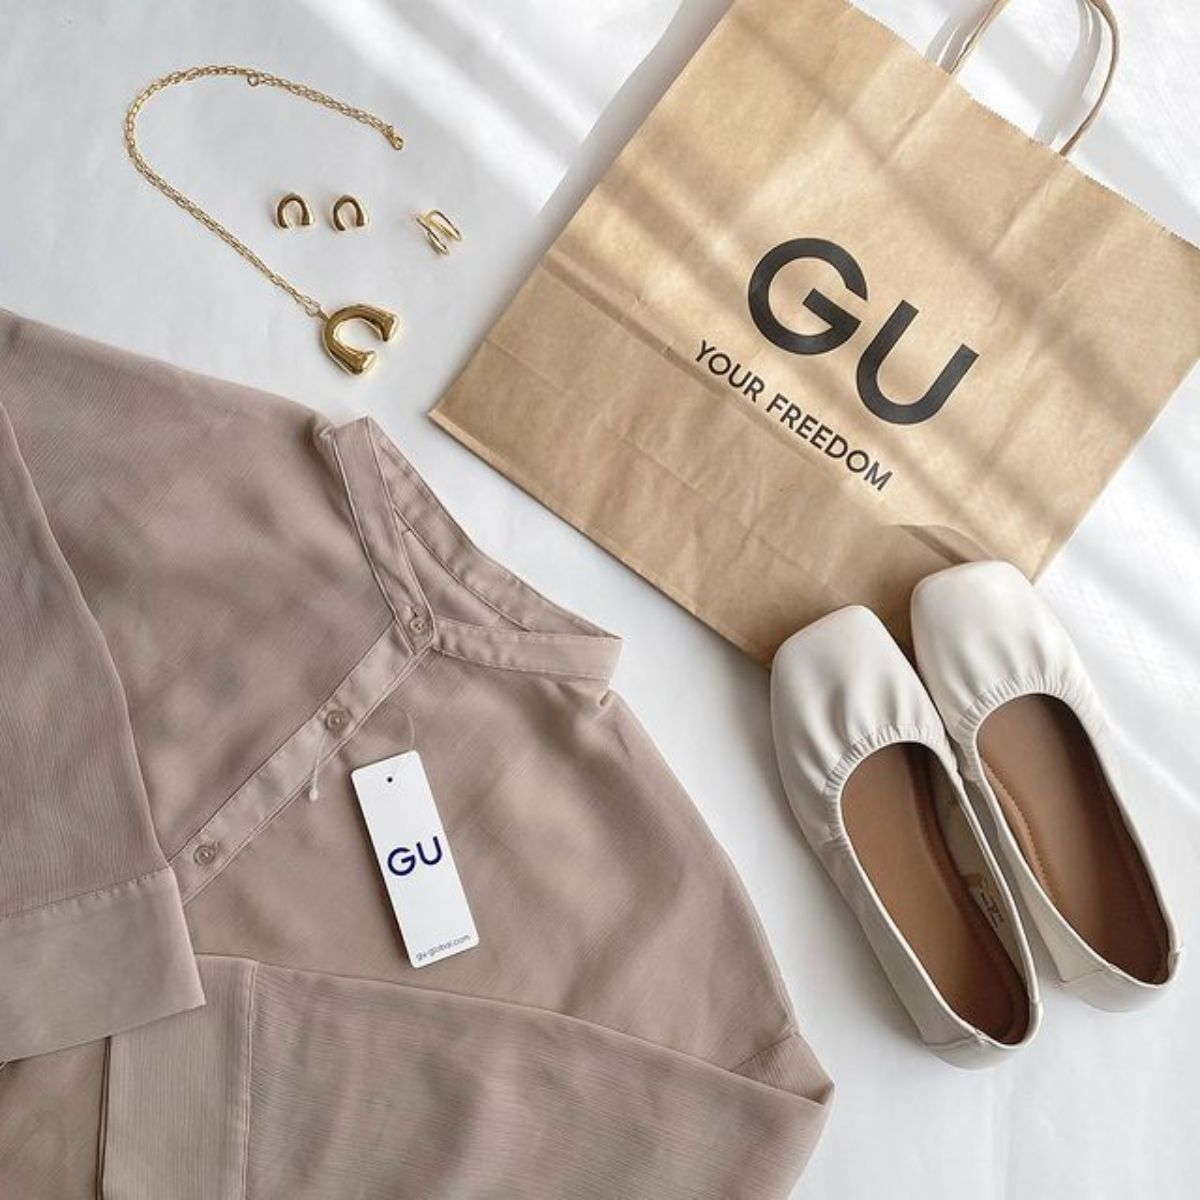 ユニクロとGUの「シアーシャツ」はどれをゲットする?暖かくなる前にチェックしたい7アイテムを比較しました